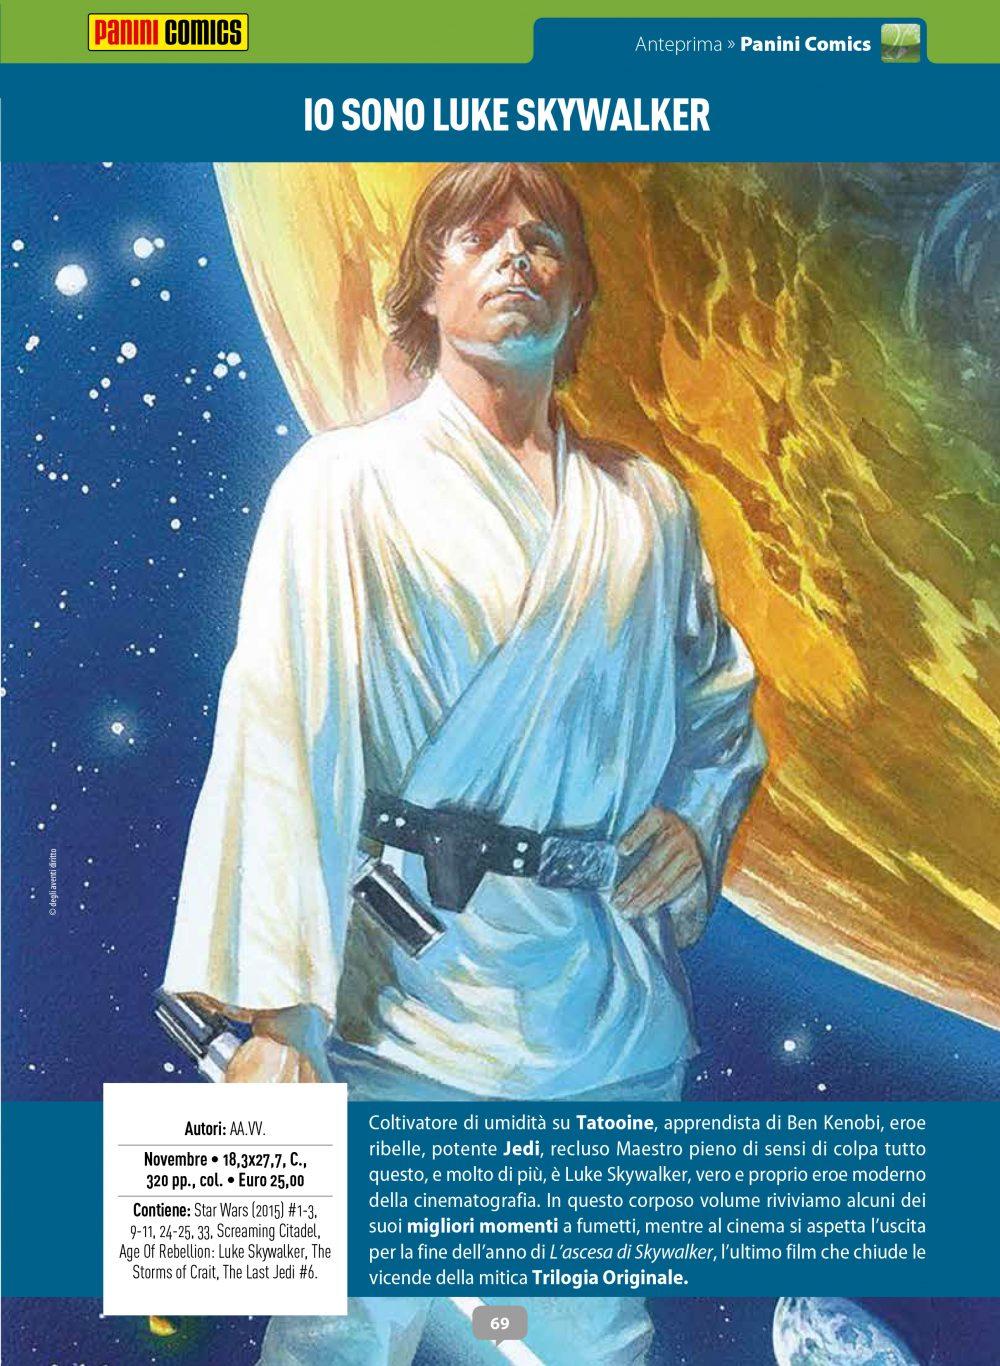 Io sono Luke Skywalker su Anteprima